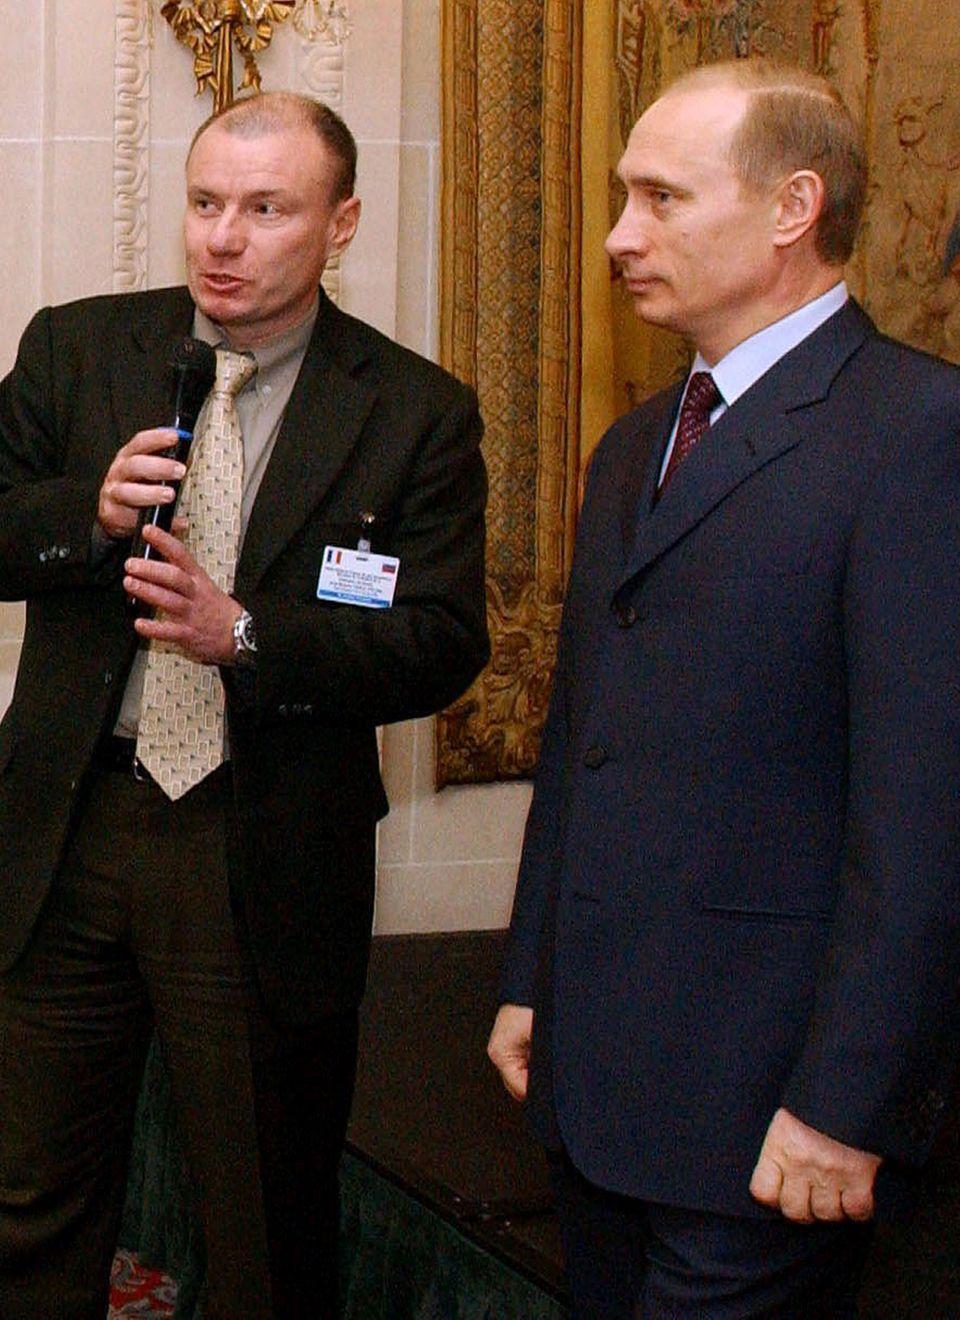 Sein Imperium: Wladimir Potanin, 54, machte seine Milliarden mit einem weitverzweigten Firmennetz, zu dem die Finanzholding Interros und die weltweit größte Nickelmine gehören. In den Neunzigern war er für zwei Jahre Russlands Vize-Ministerpräsident. Mit Wladimir Putin ist er gut befreundet.